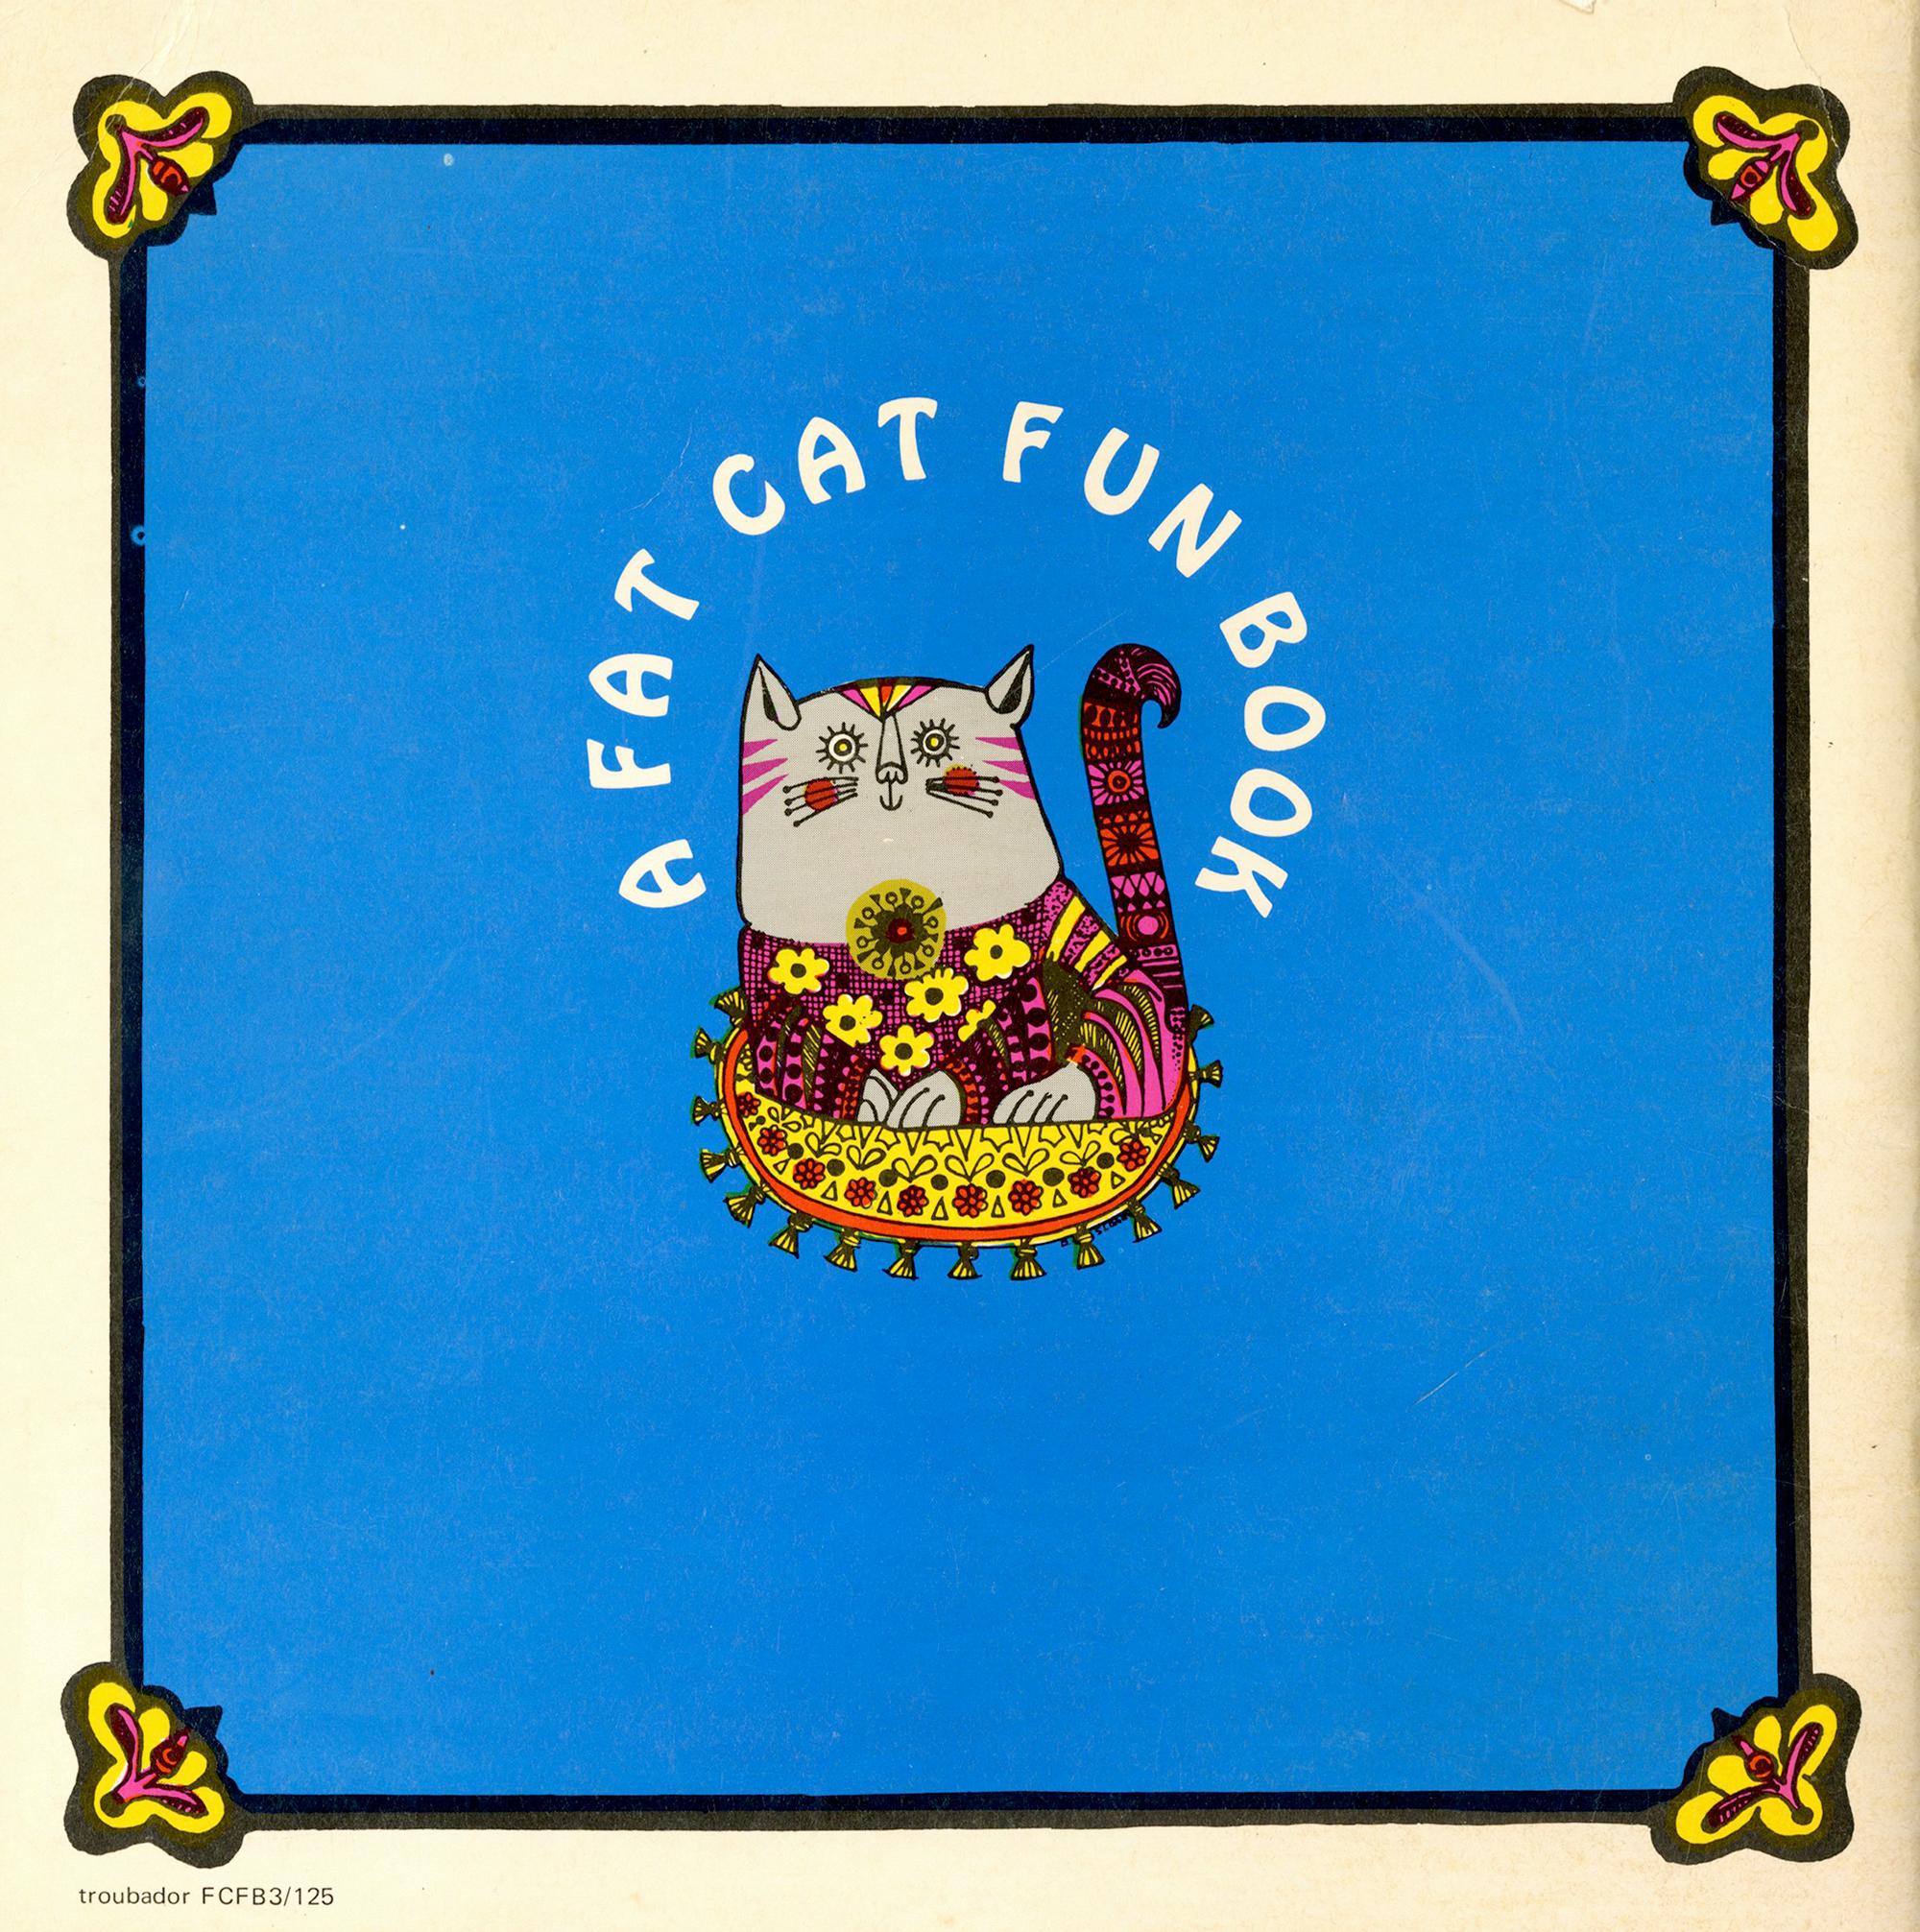 fatcat_back.png